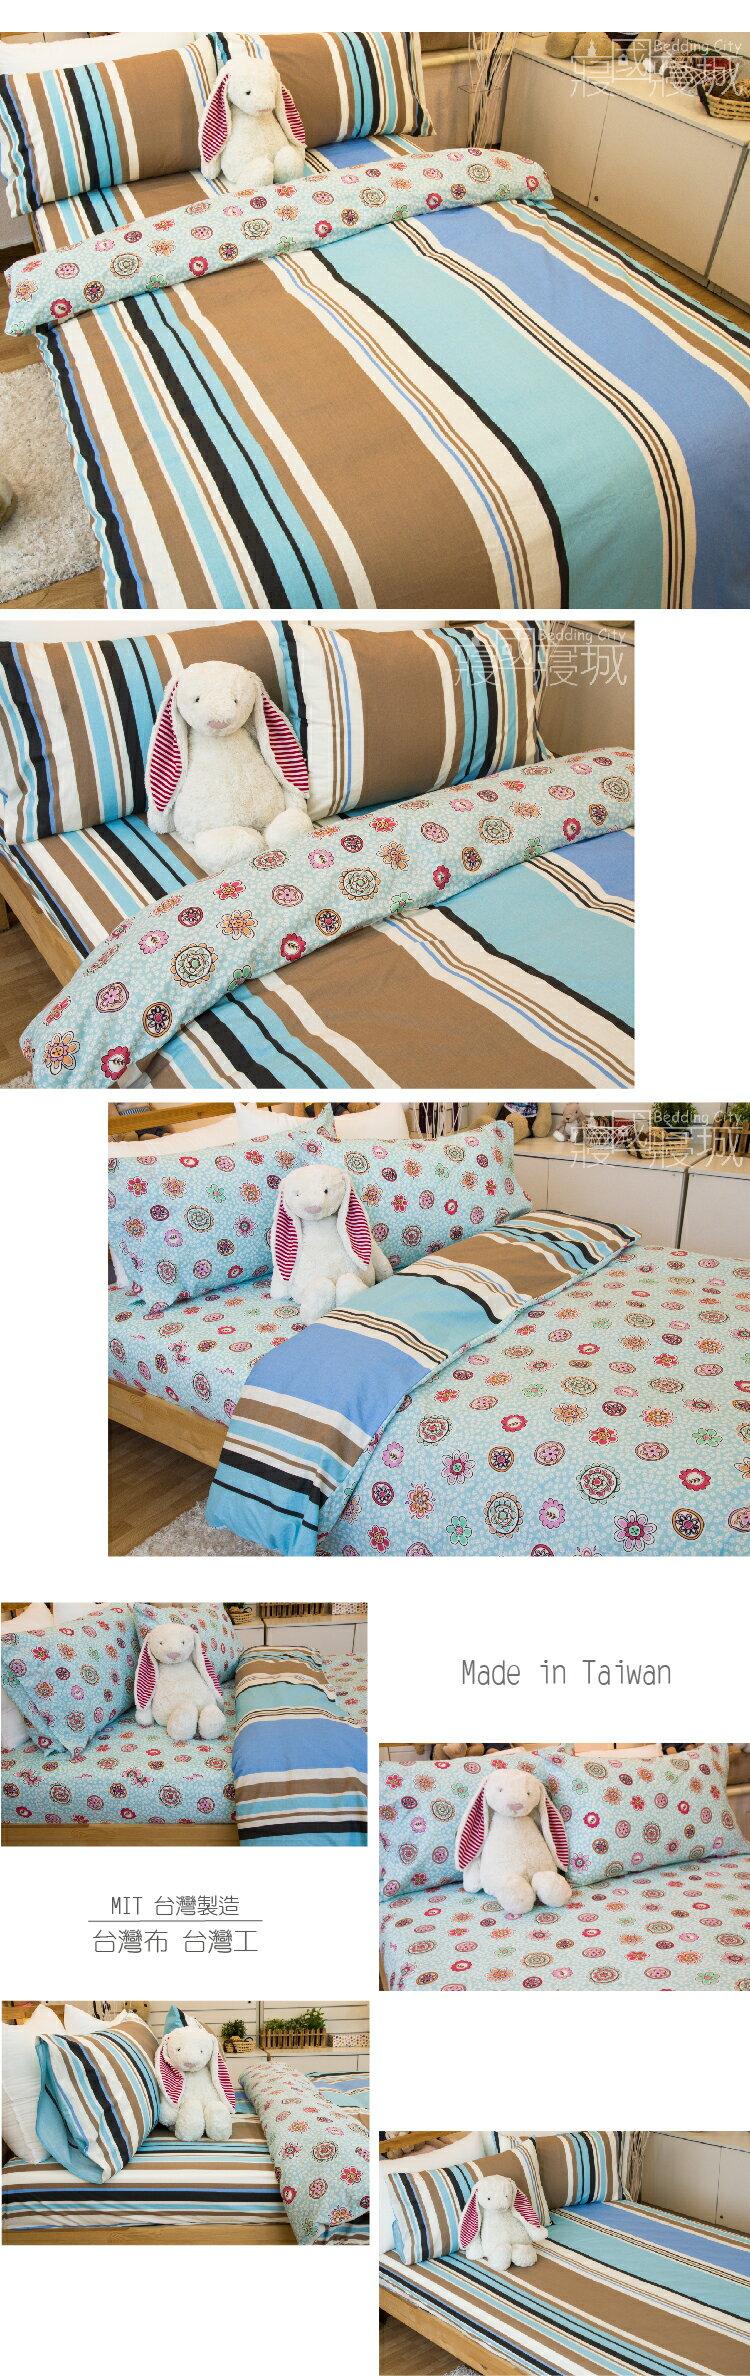 100%精梳棉-加大雙人床包被套四件組 花樣朵朵【大鐘印染、台灣製造】#精梳純綿 2